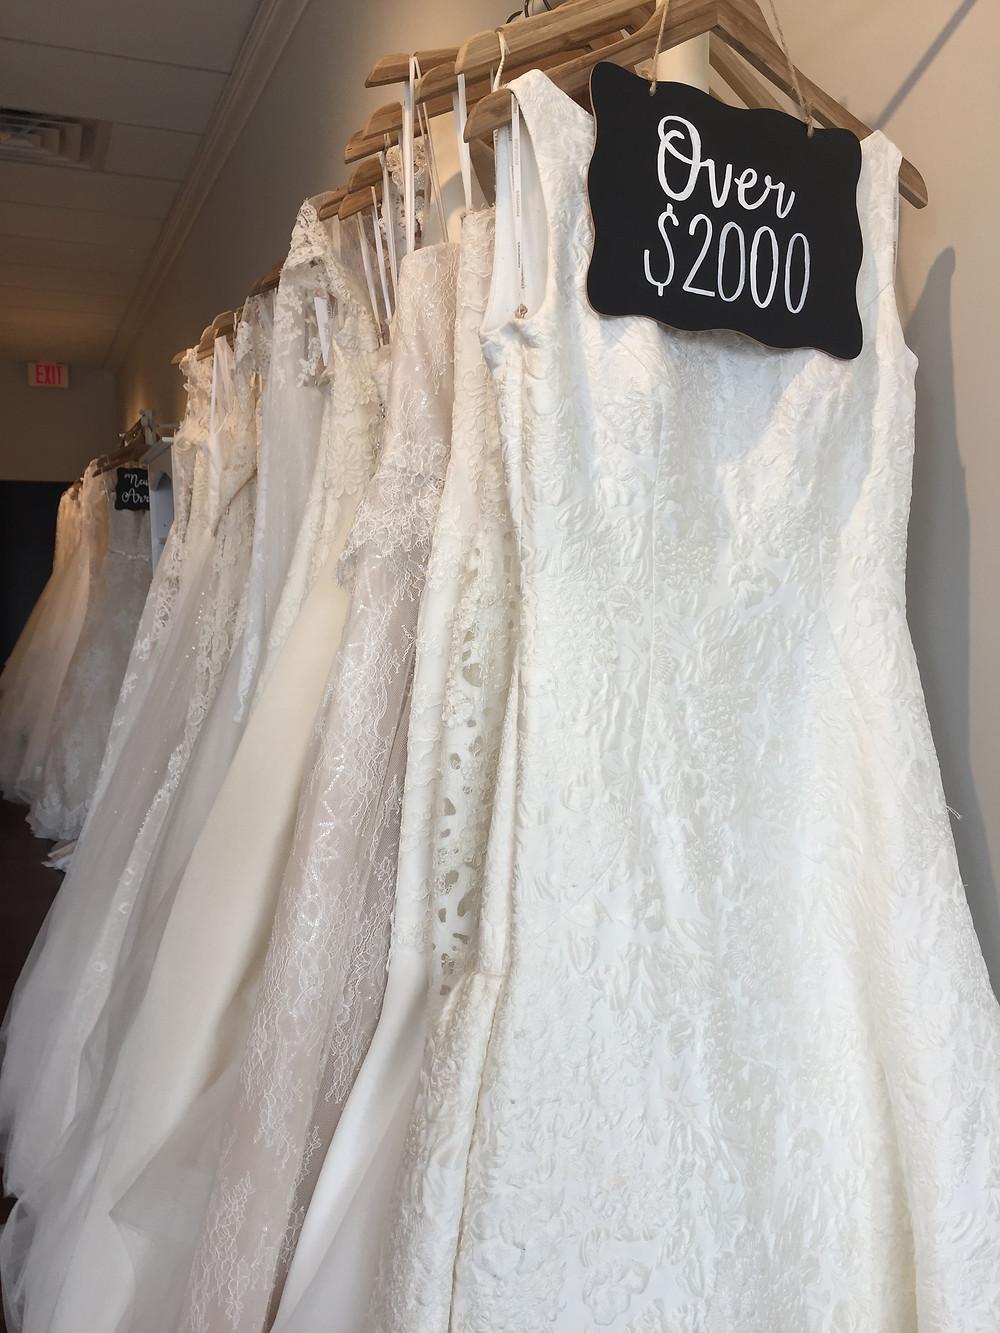 Fabulous Frocks - Over $2000 wedding dress